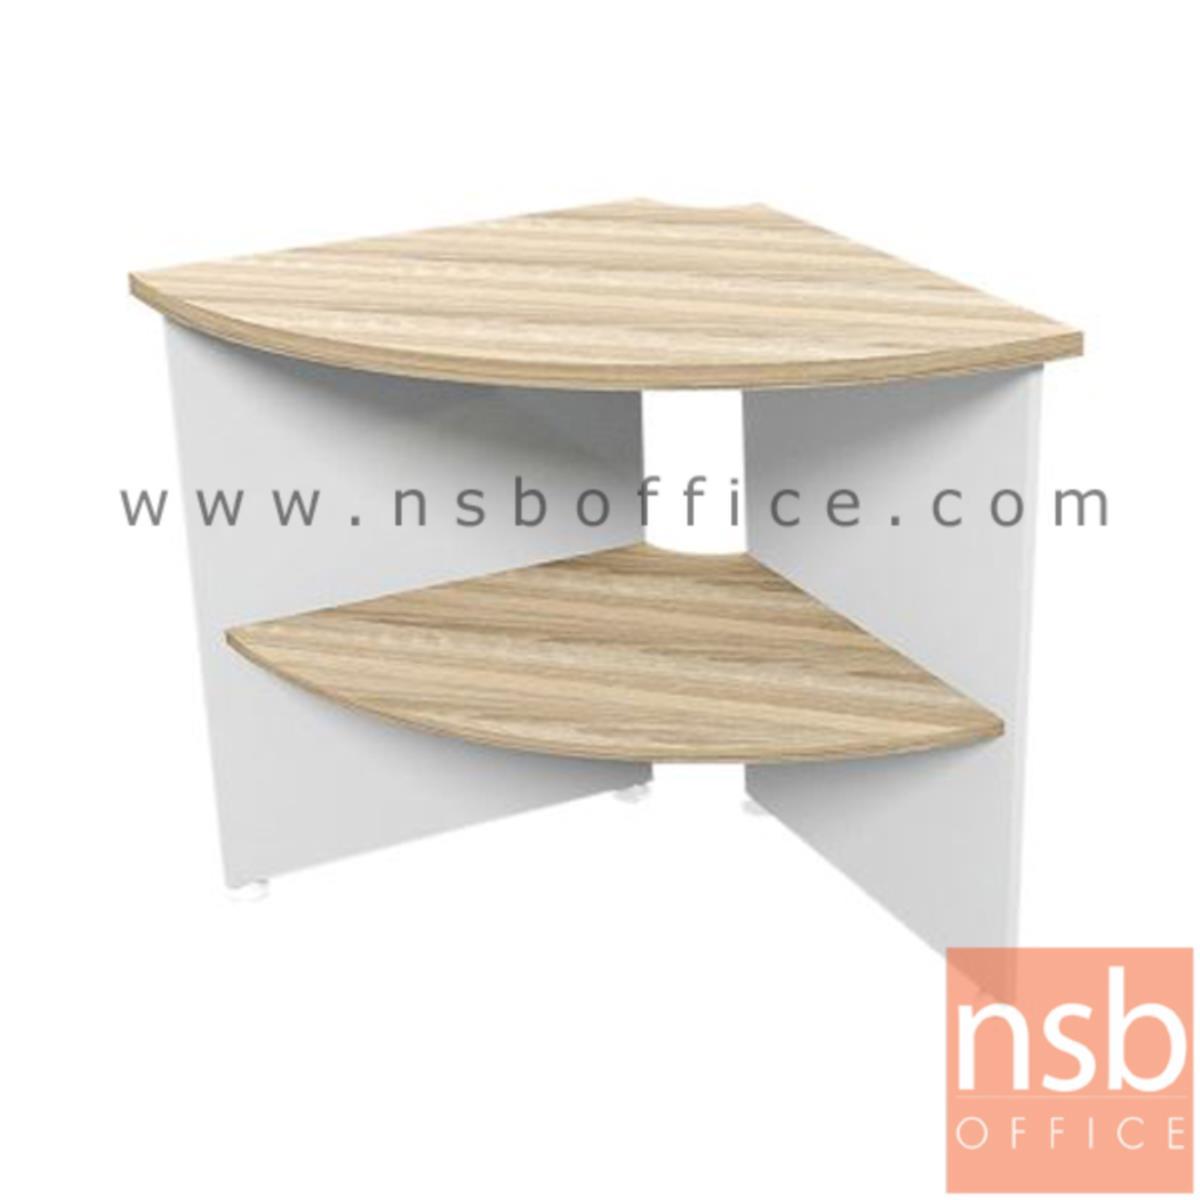 A21A021:โต๊ะเข้ามุม 2 ชั้น  รุ่น Kenwood (เคนวู้ด) ขนาด 70R cm. เมลามีน สีเนเจอร์ทีค-ขาว